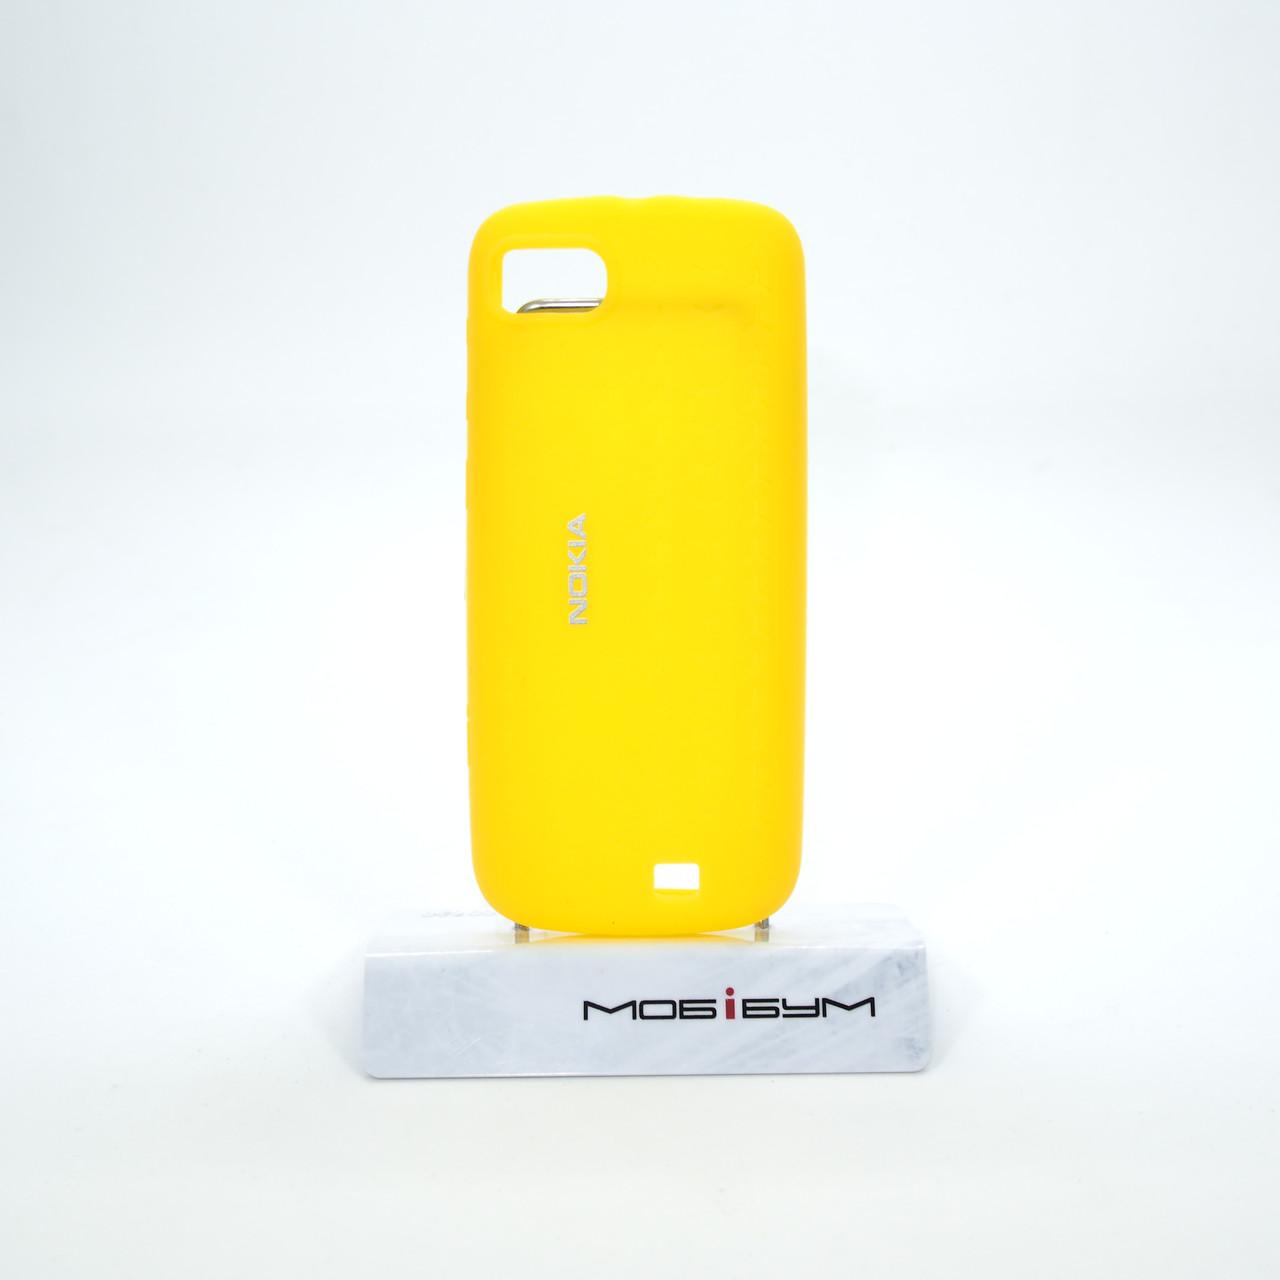 Чехол Nokia CC-1014 C3-01 Silicone Cover yellow